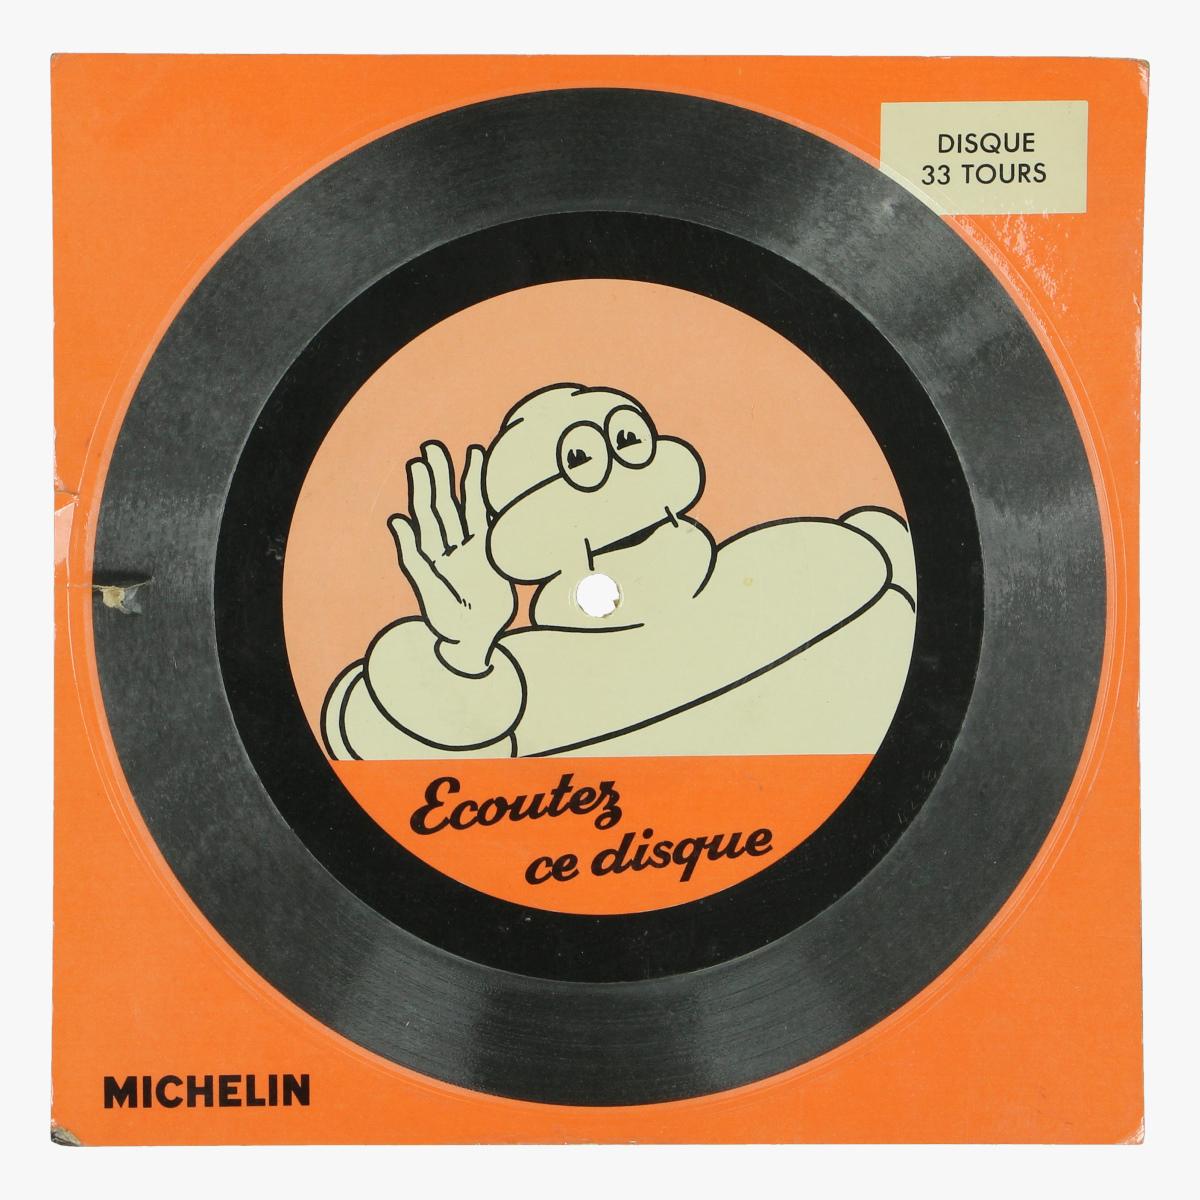 Afbeeldingen van single michelin ecouter ce disque 33 tours